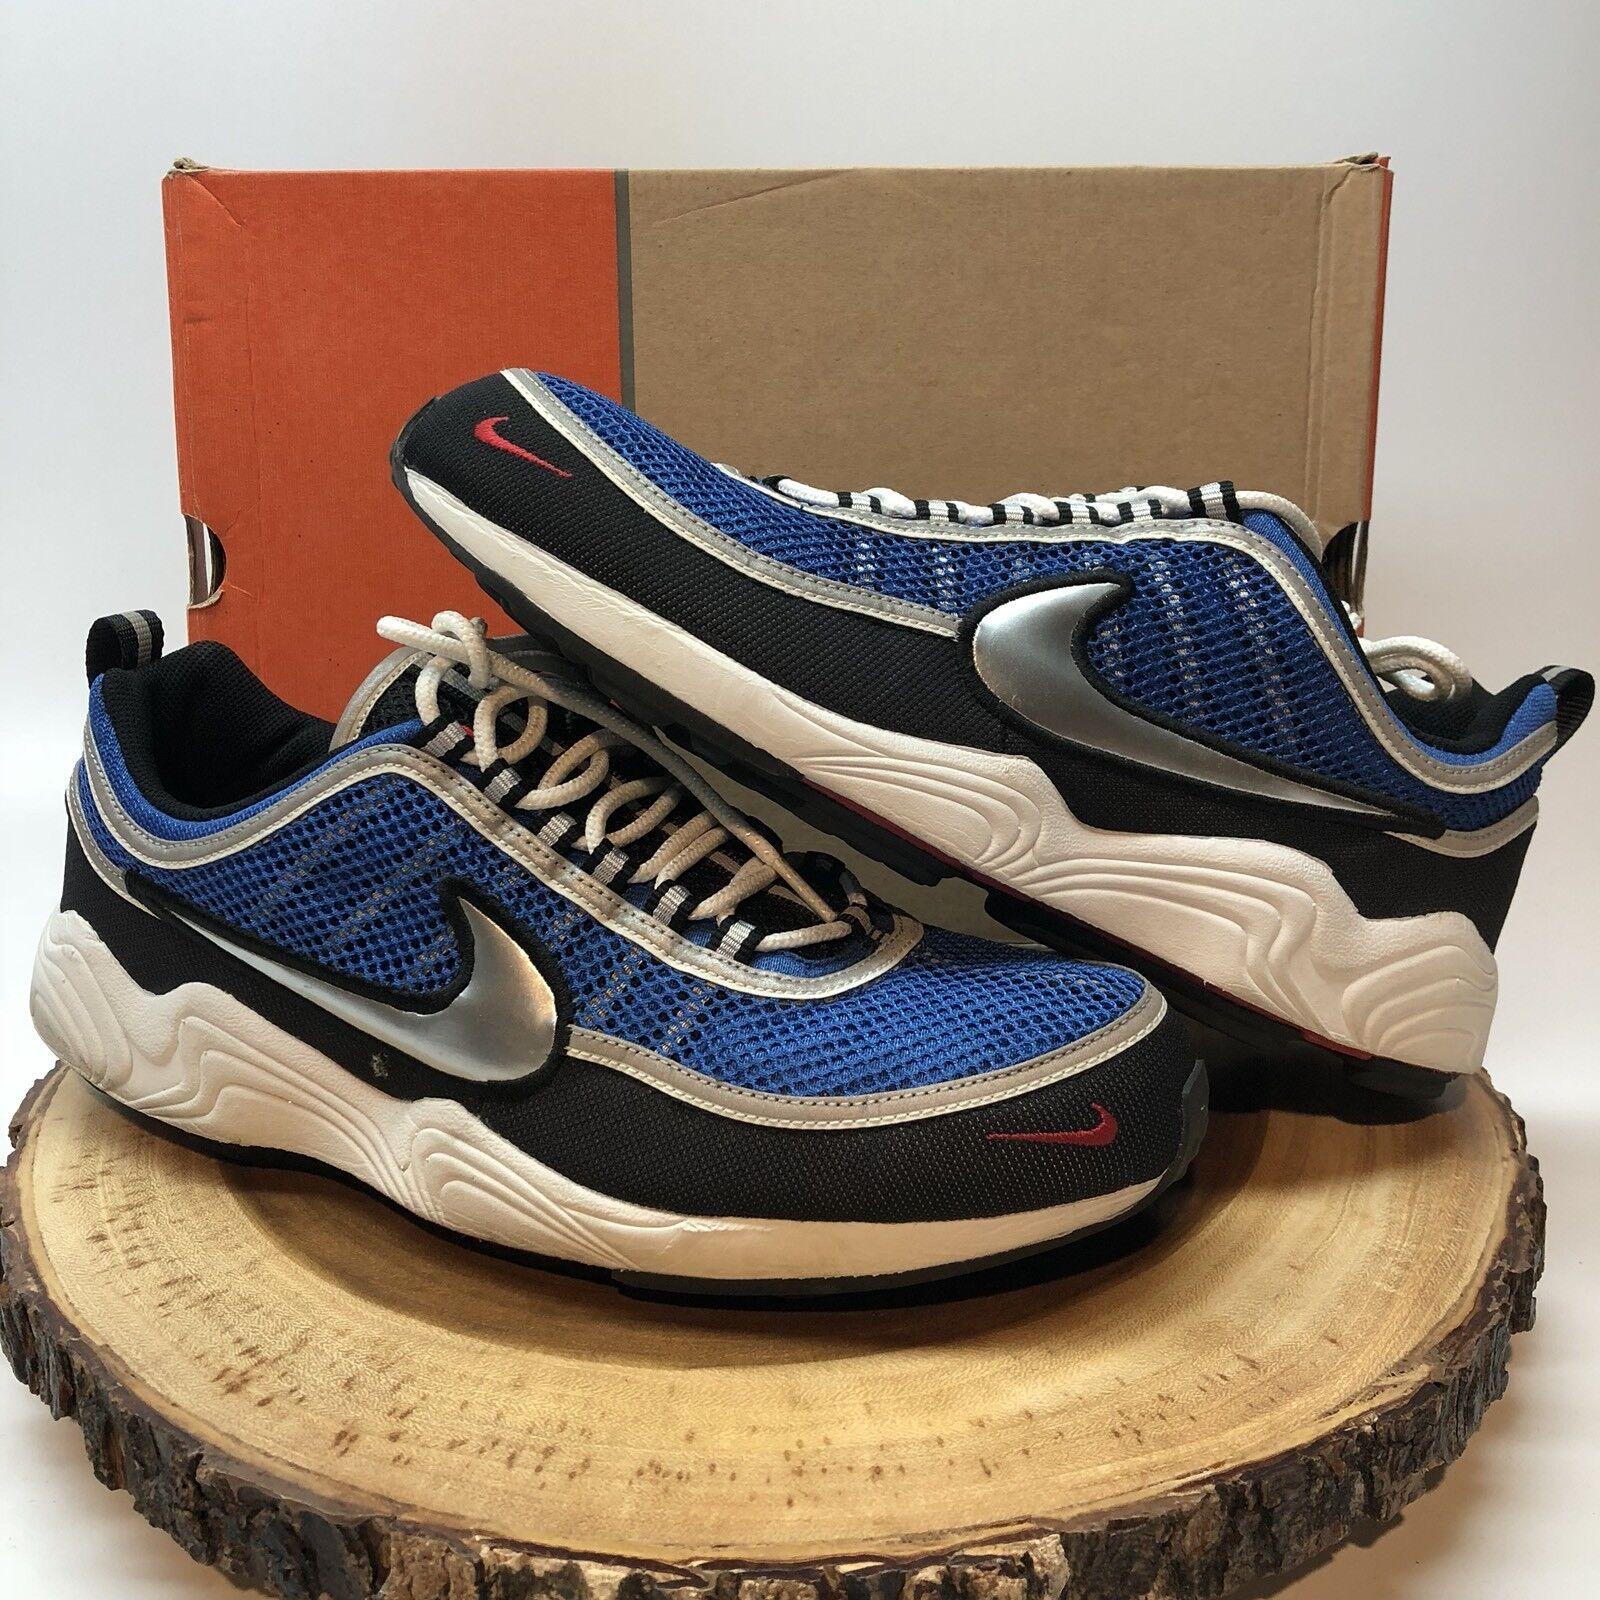 Nike zoom spiridon varsity royal argento metallico 311298 401 taglia 12 max 95 97 98